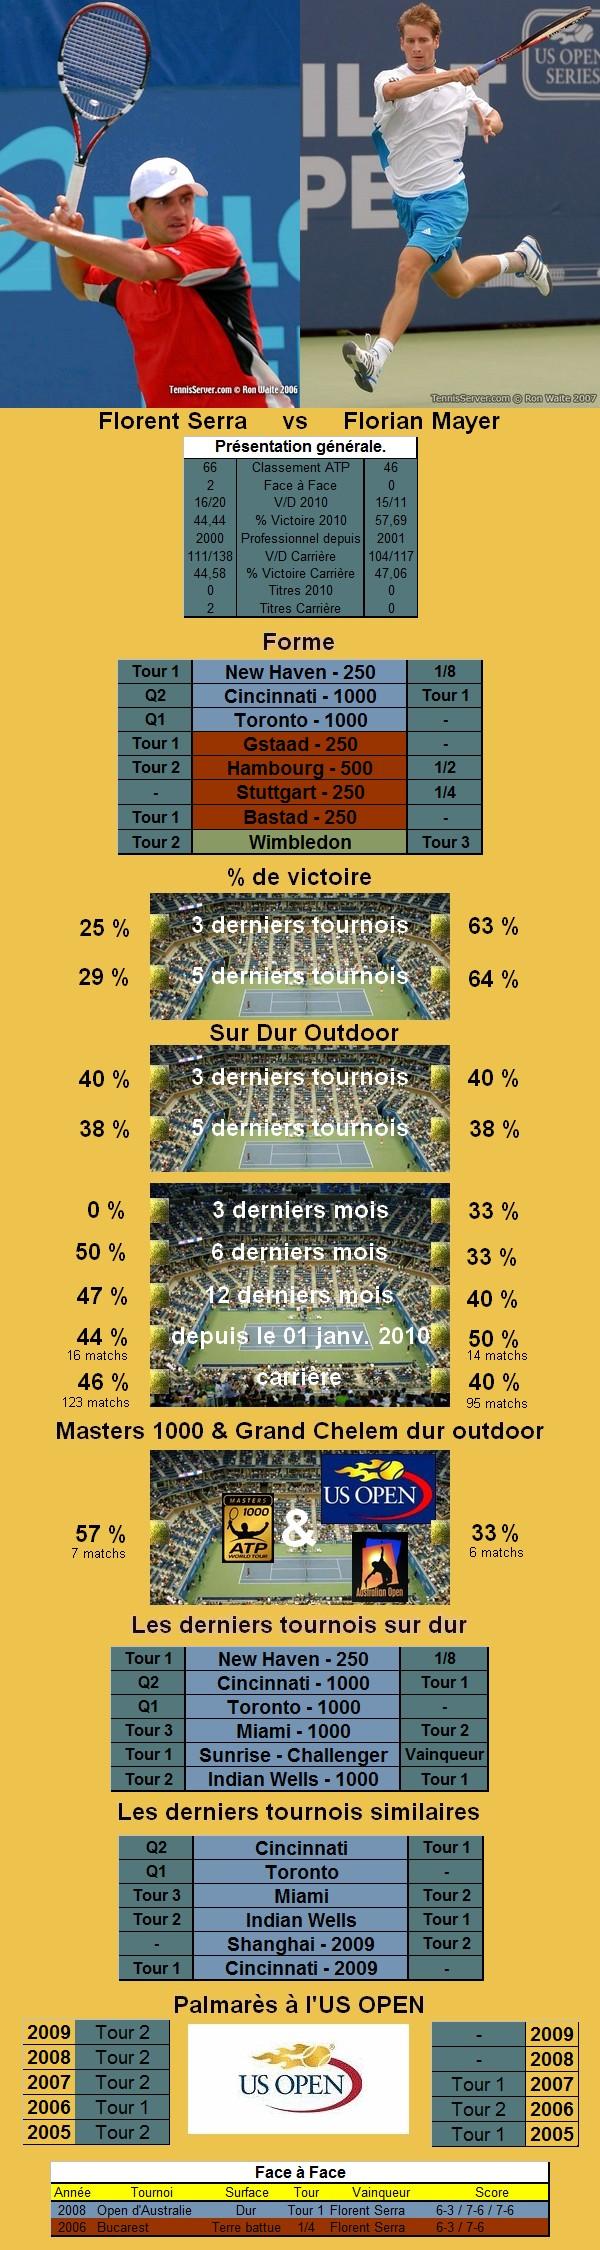 Statistiques tennis de Serra contre Mayer à l'US OPEN